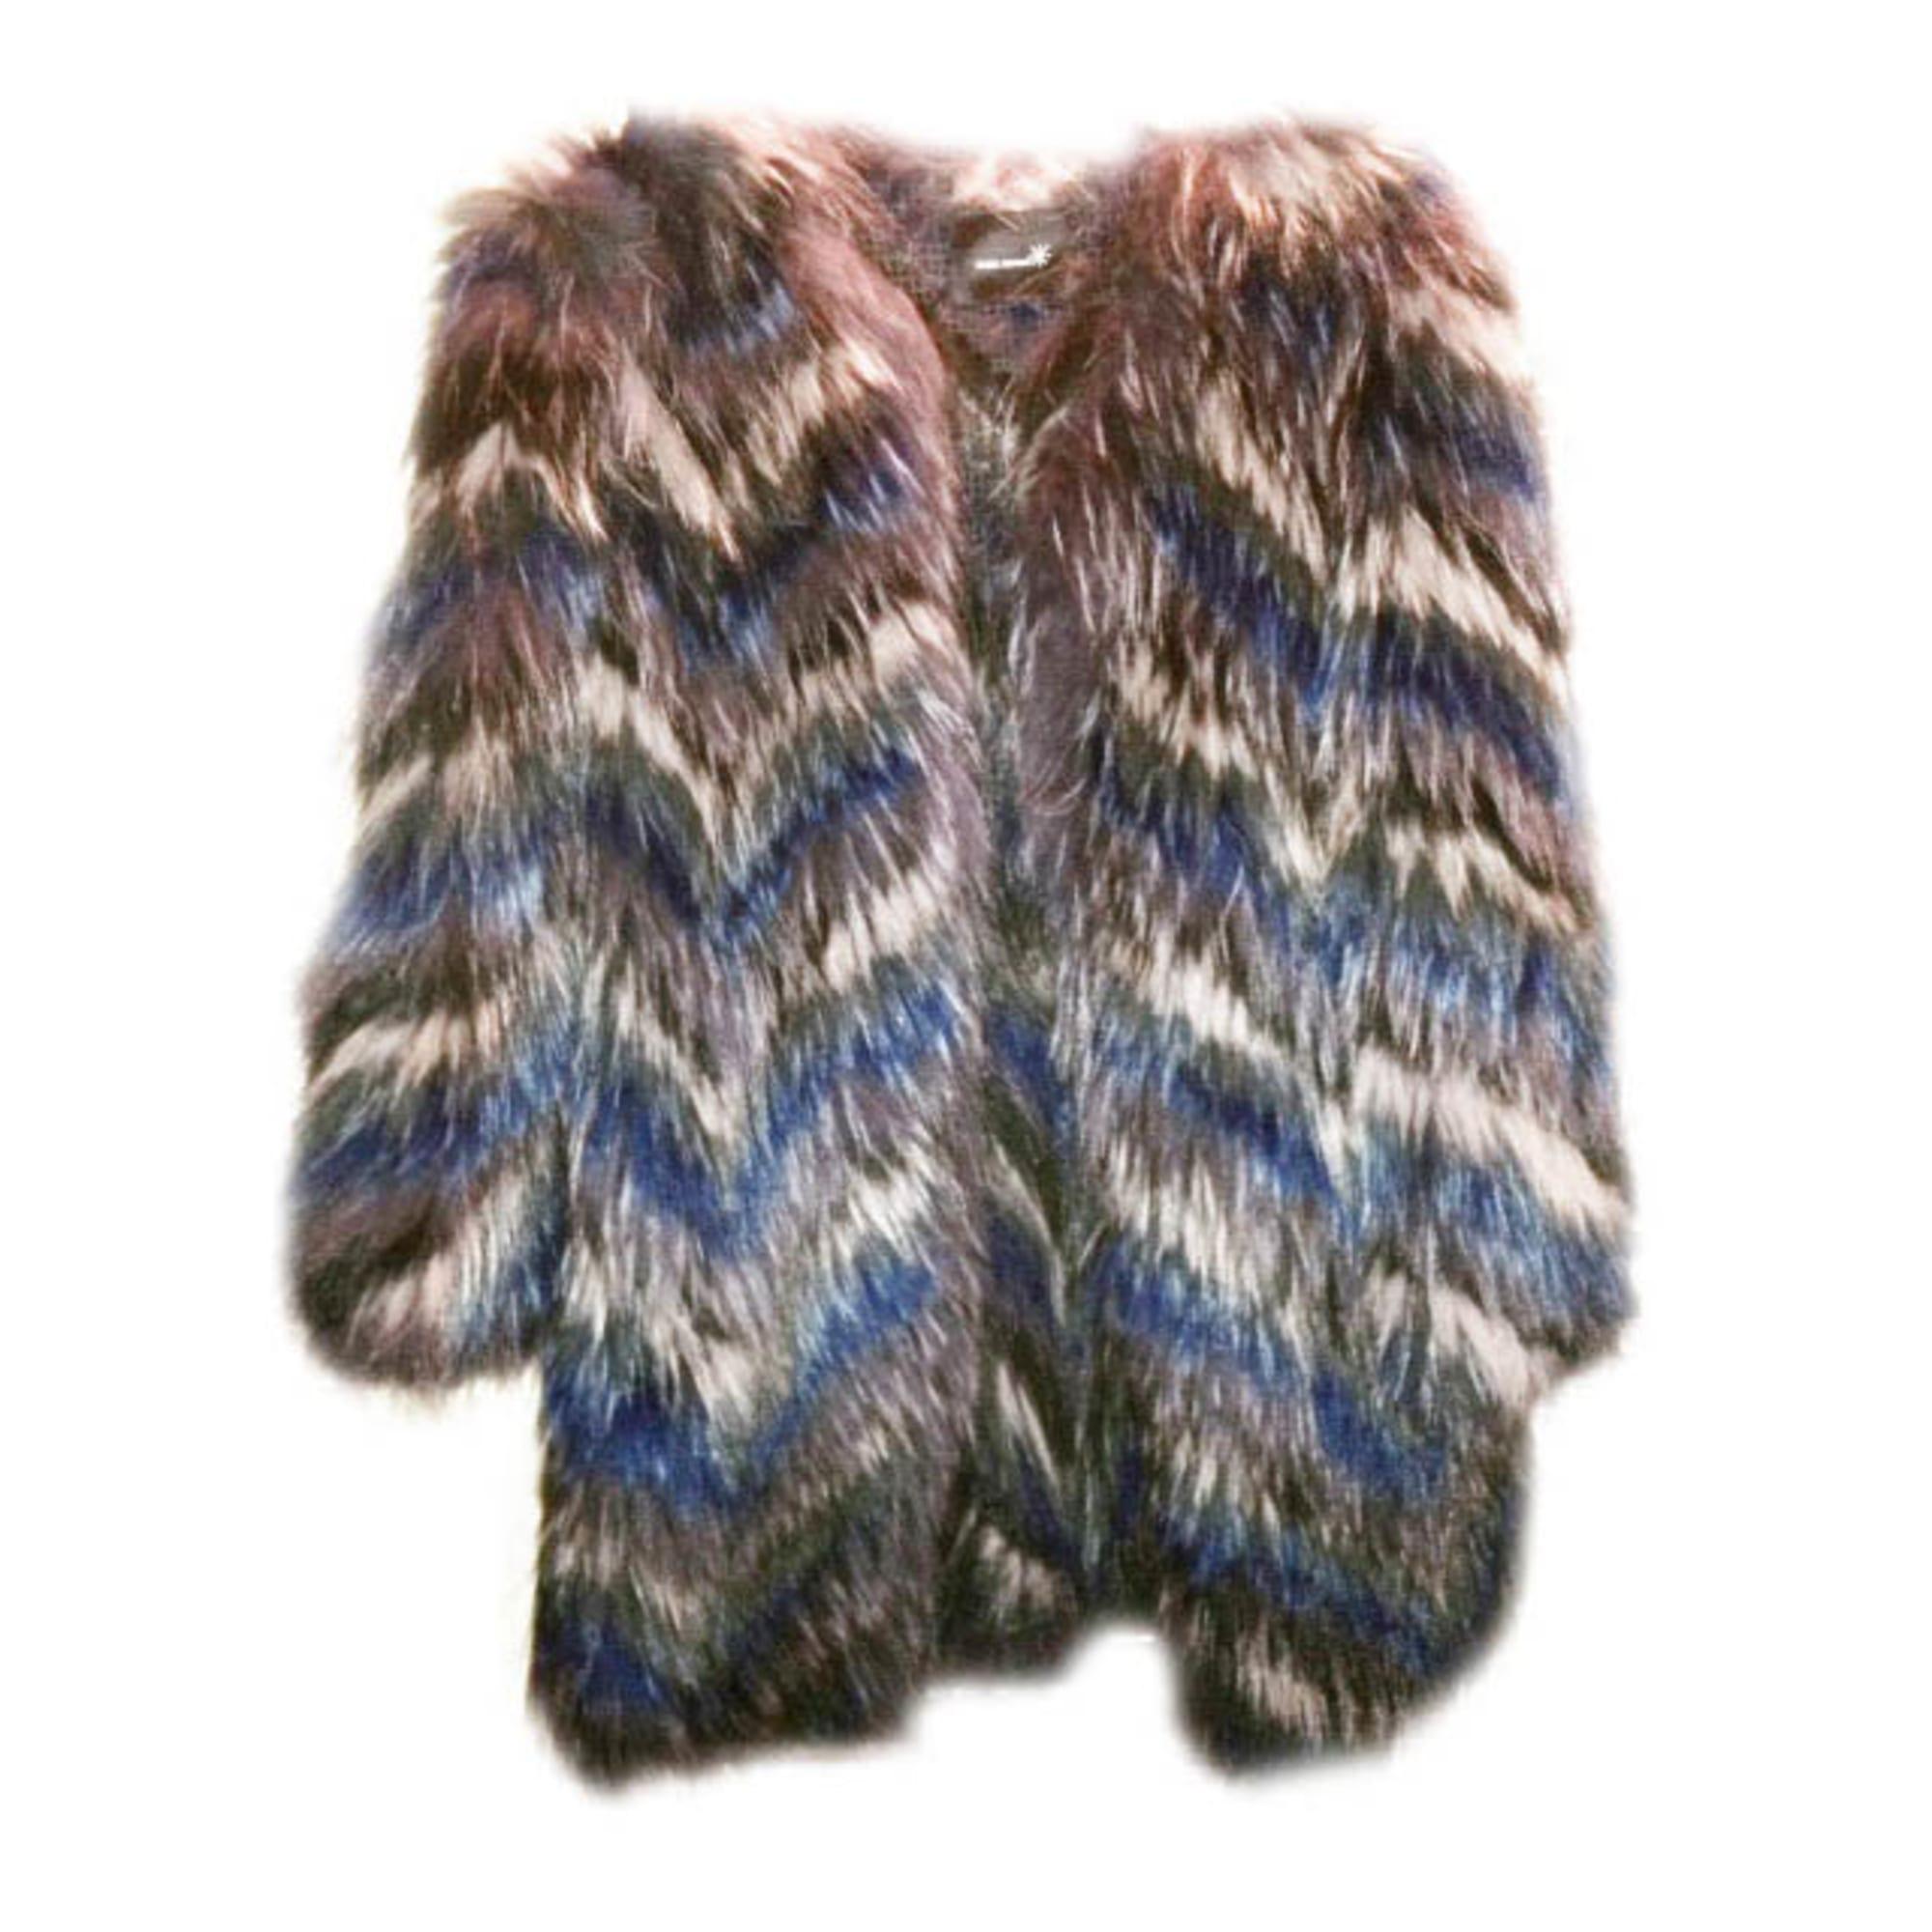 Manteau en fourrure ISABEL MARANT 38 (M, T2) bleu parme gris noir ... 7d91ba18b5b